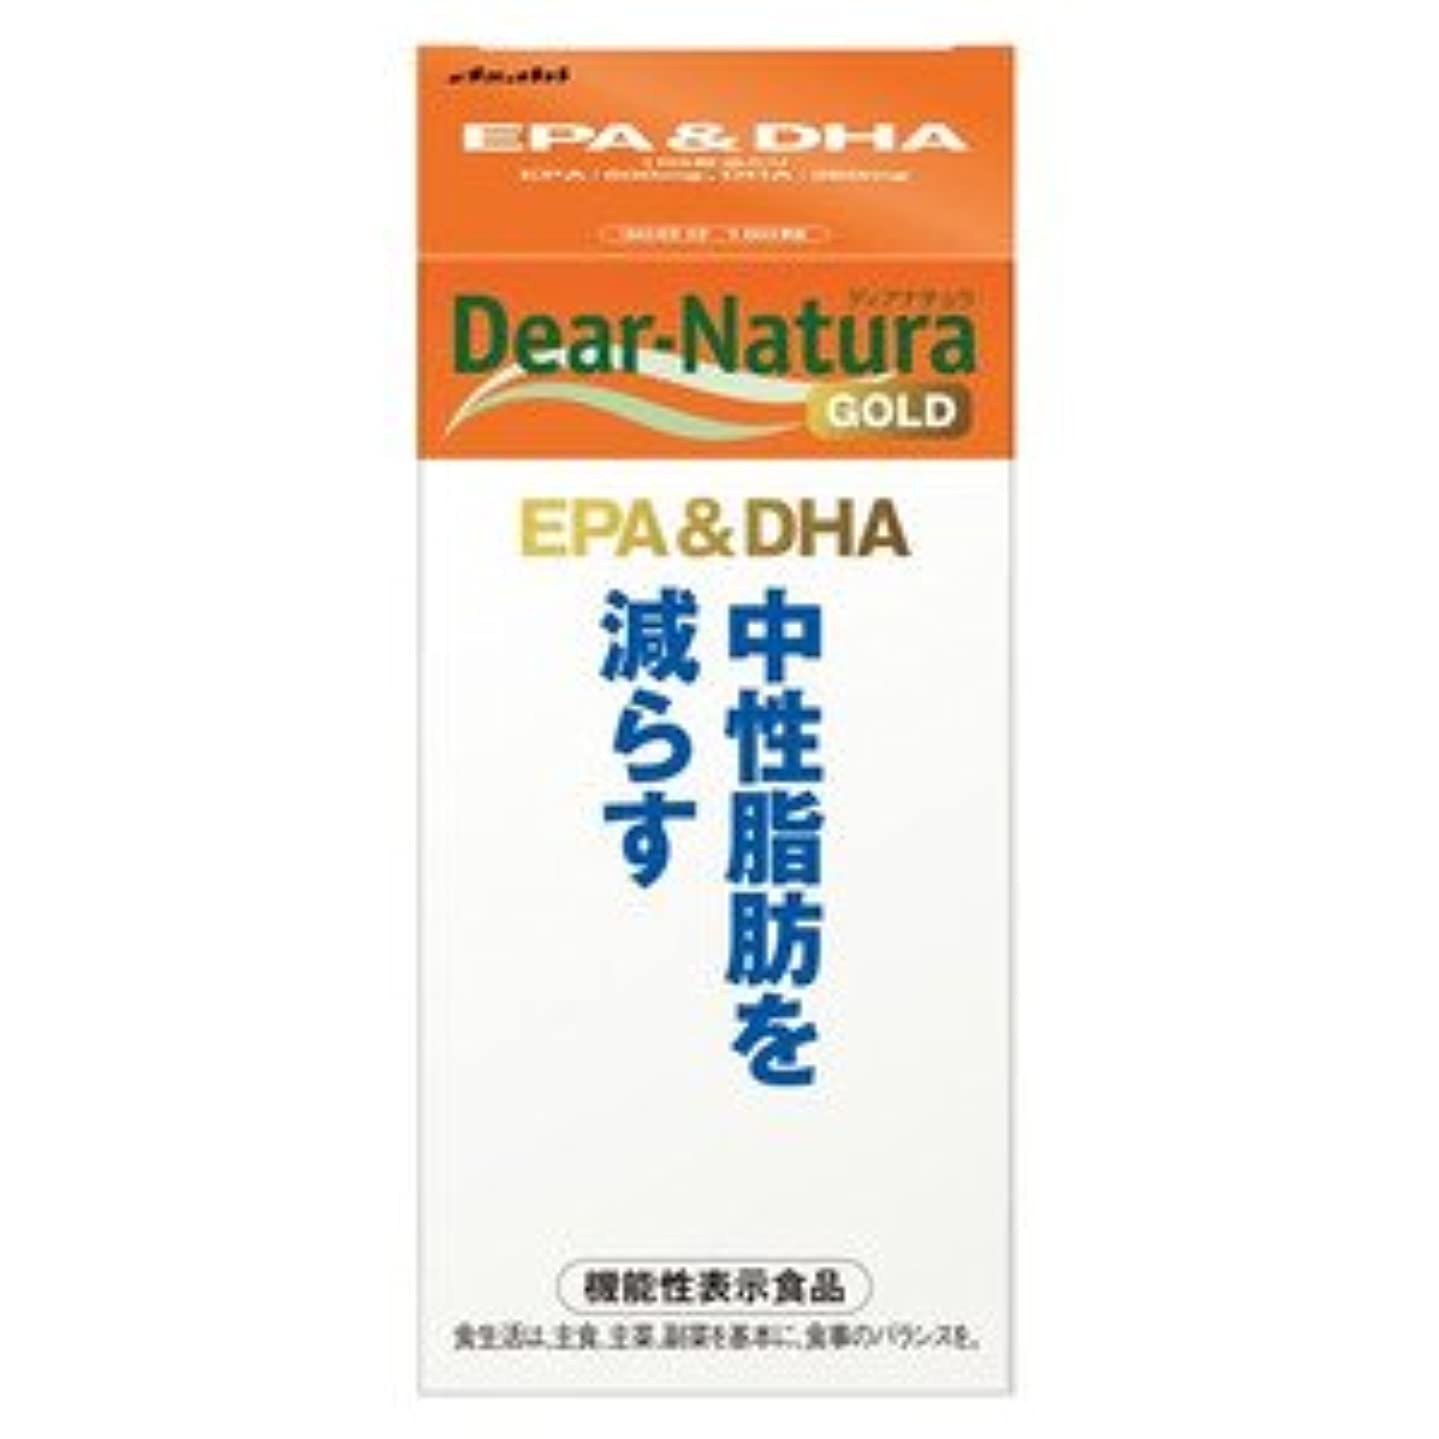 酔う司書偉業(アサヒフード&ヘルスケア)ディアナチュラゴールド EPA&DHA 30日分 180粒(お買い得3個セット)